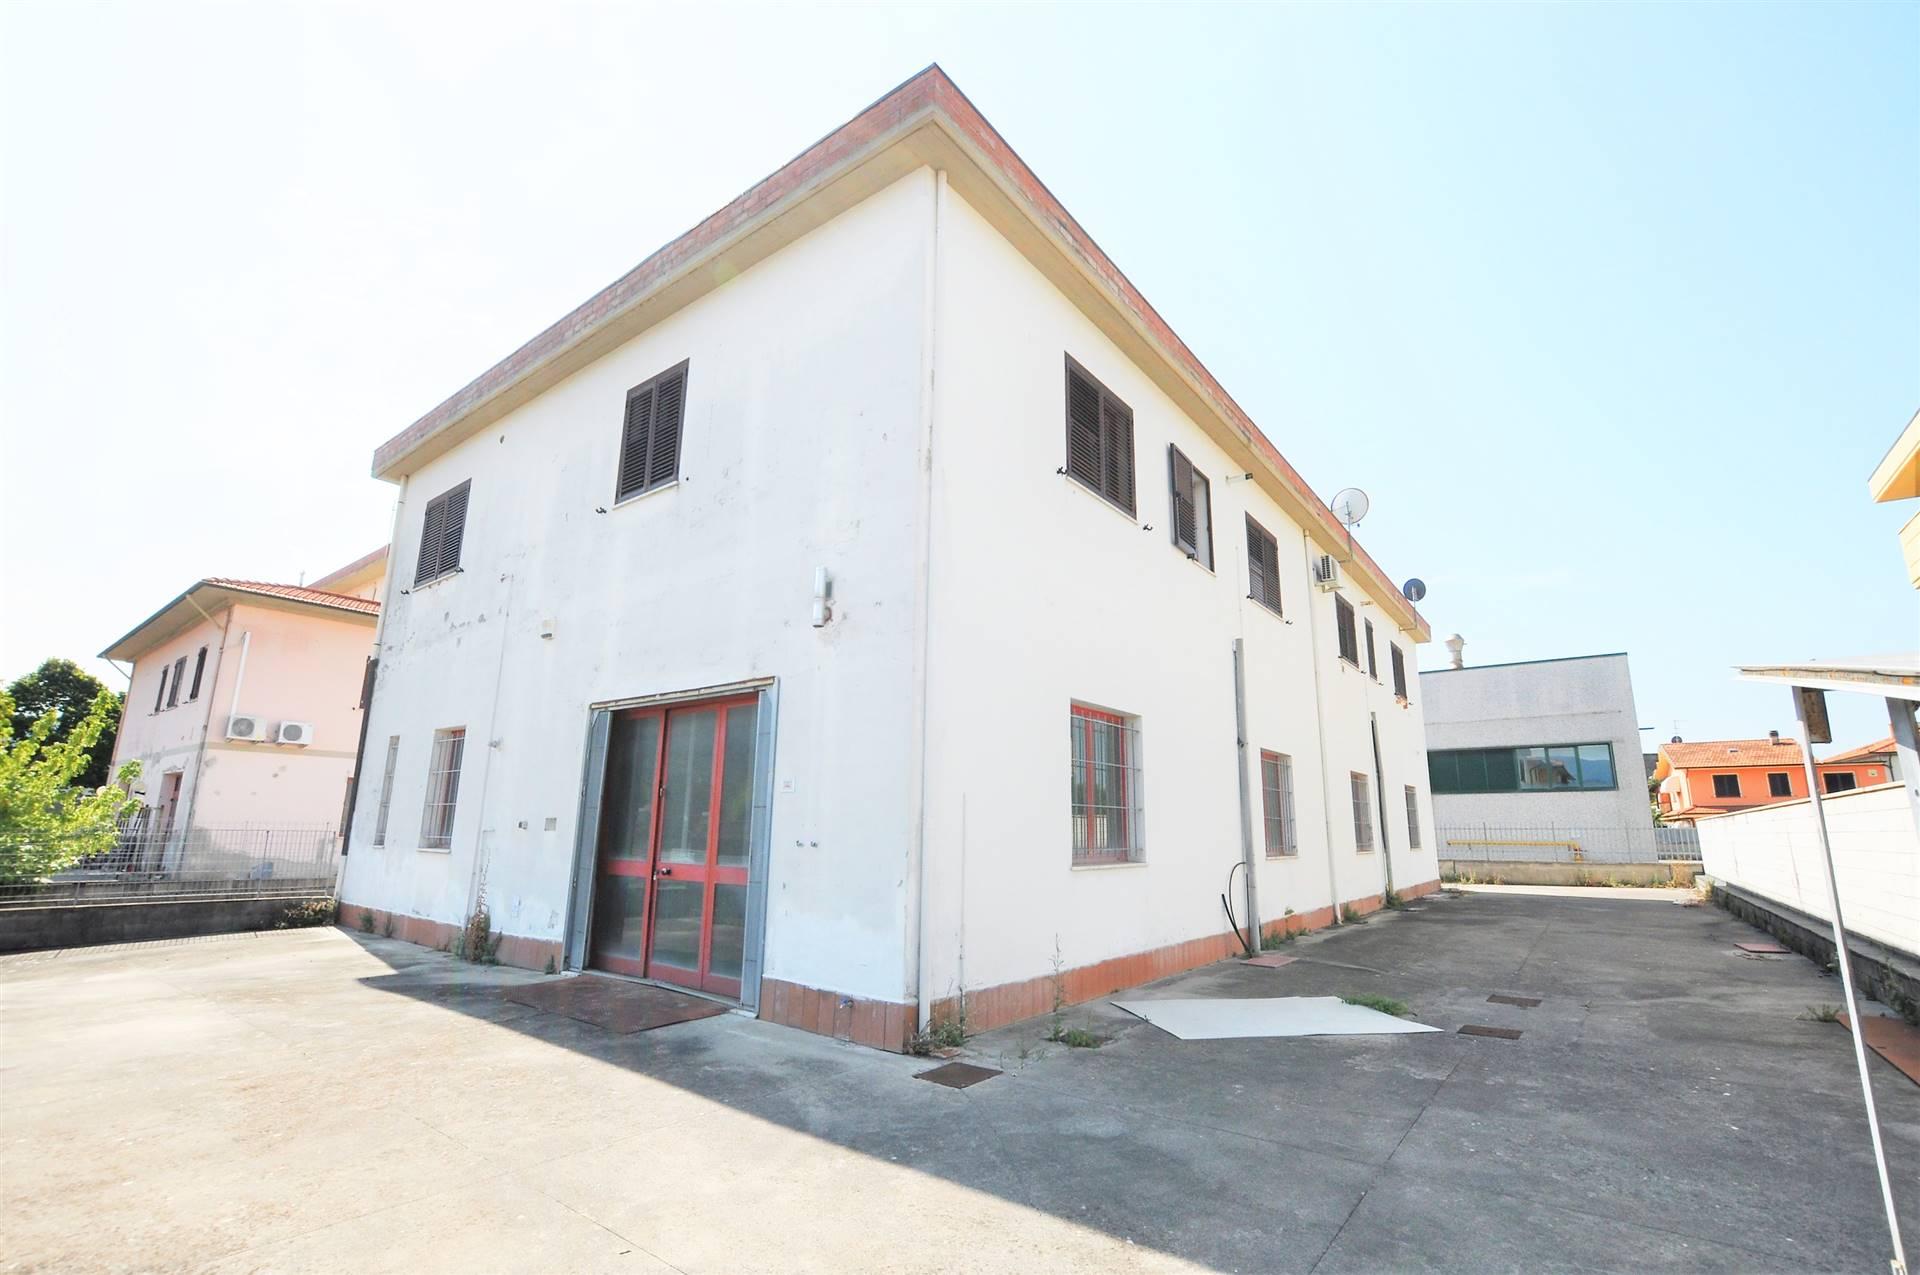 Laboratorio in vendita a Monsummano Terme, 9999 locali, prezzo € 250.000 | CambioCasa.it